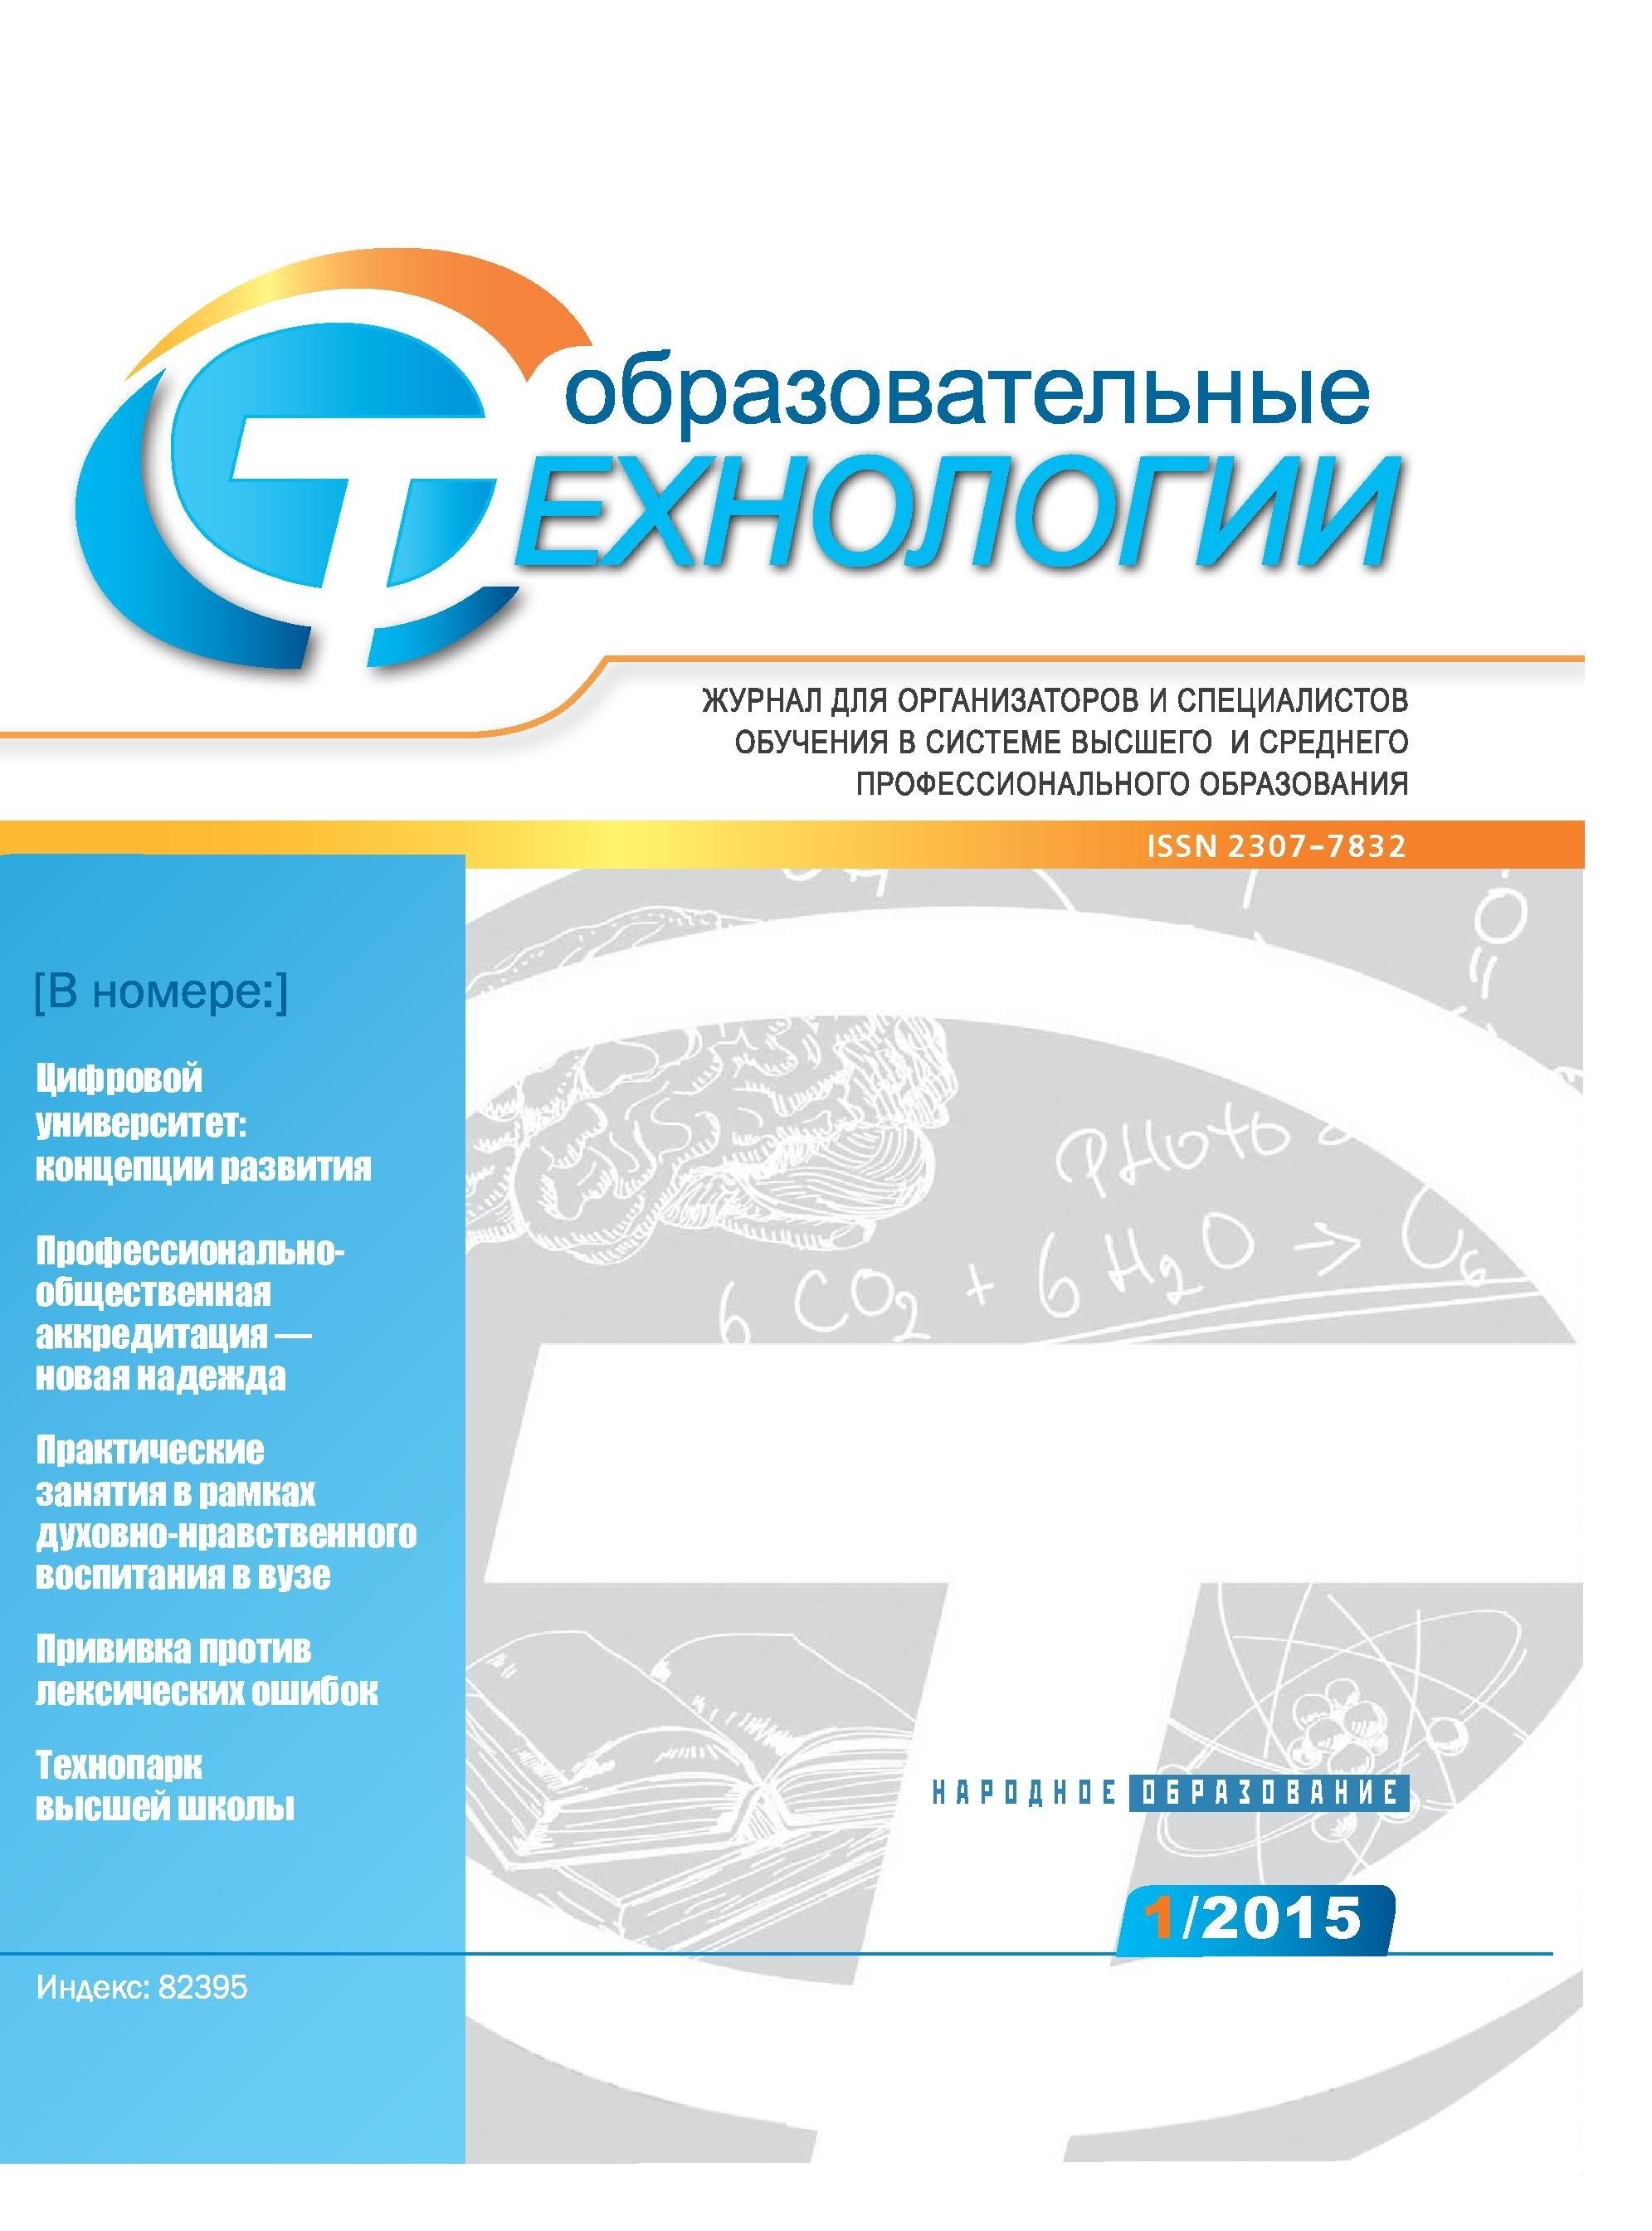 """Опубликован №1 журнала """"Образовательные технологии"""" за 2015 г."""